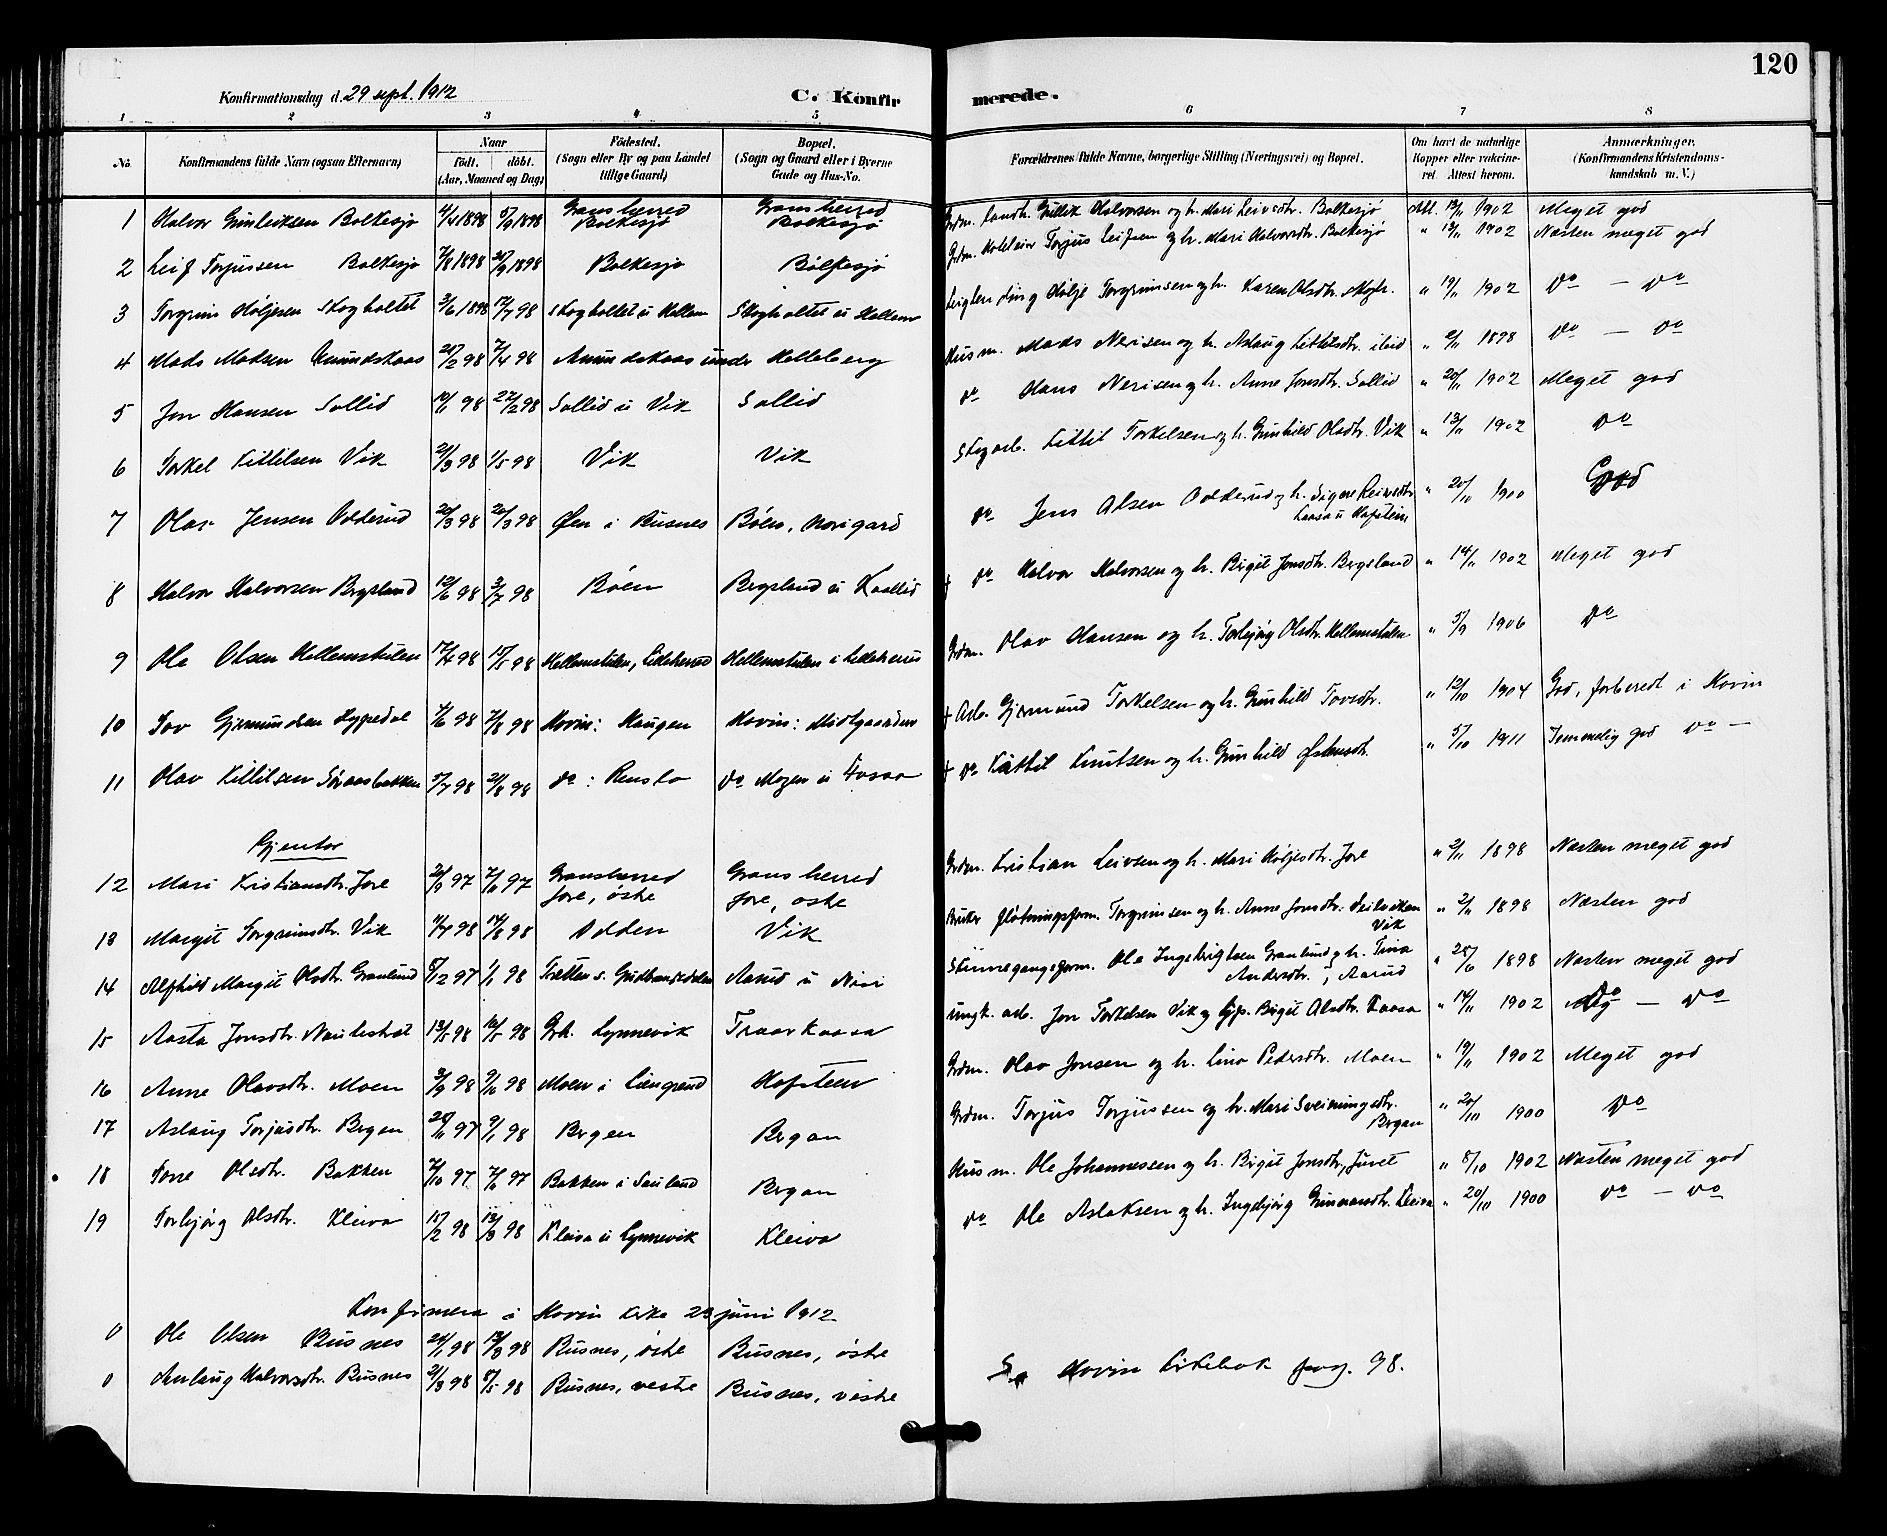 SAKO, Gransherad kirkebøker, G/Ga/L0003: Klokkerbok nr. I 3, 1887-1915, s. 120